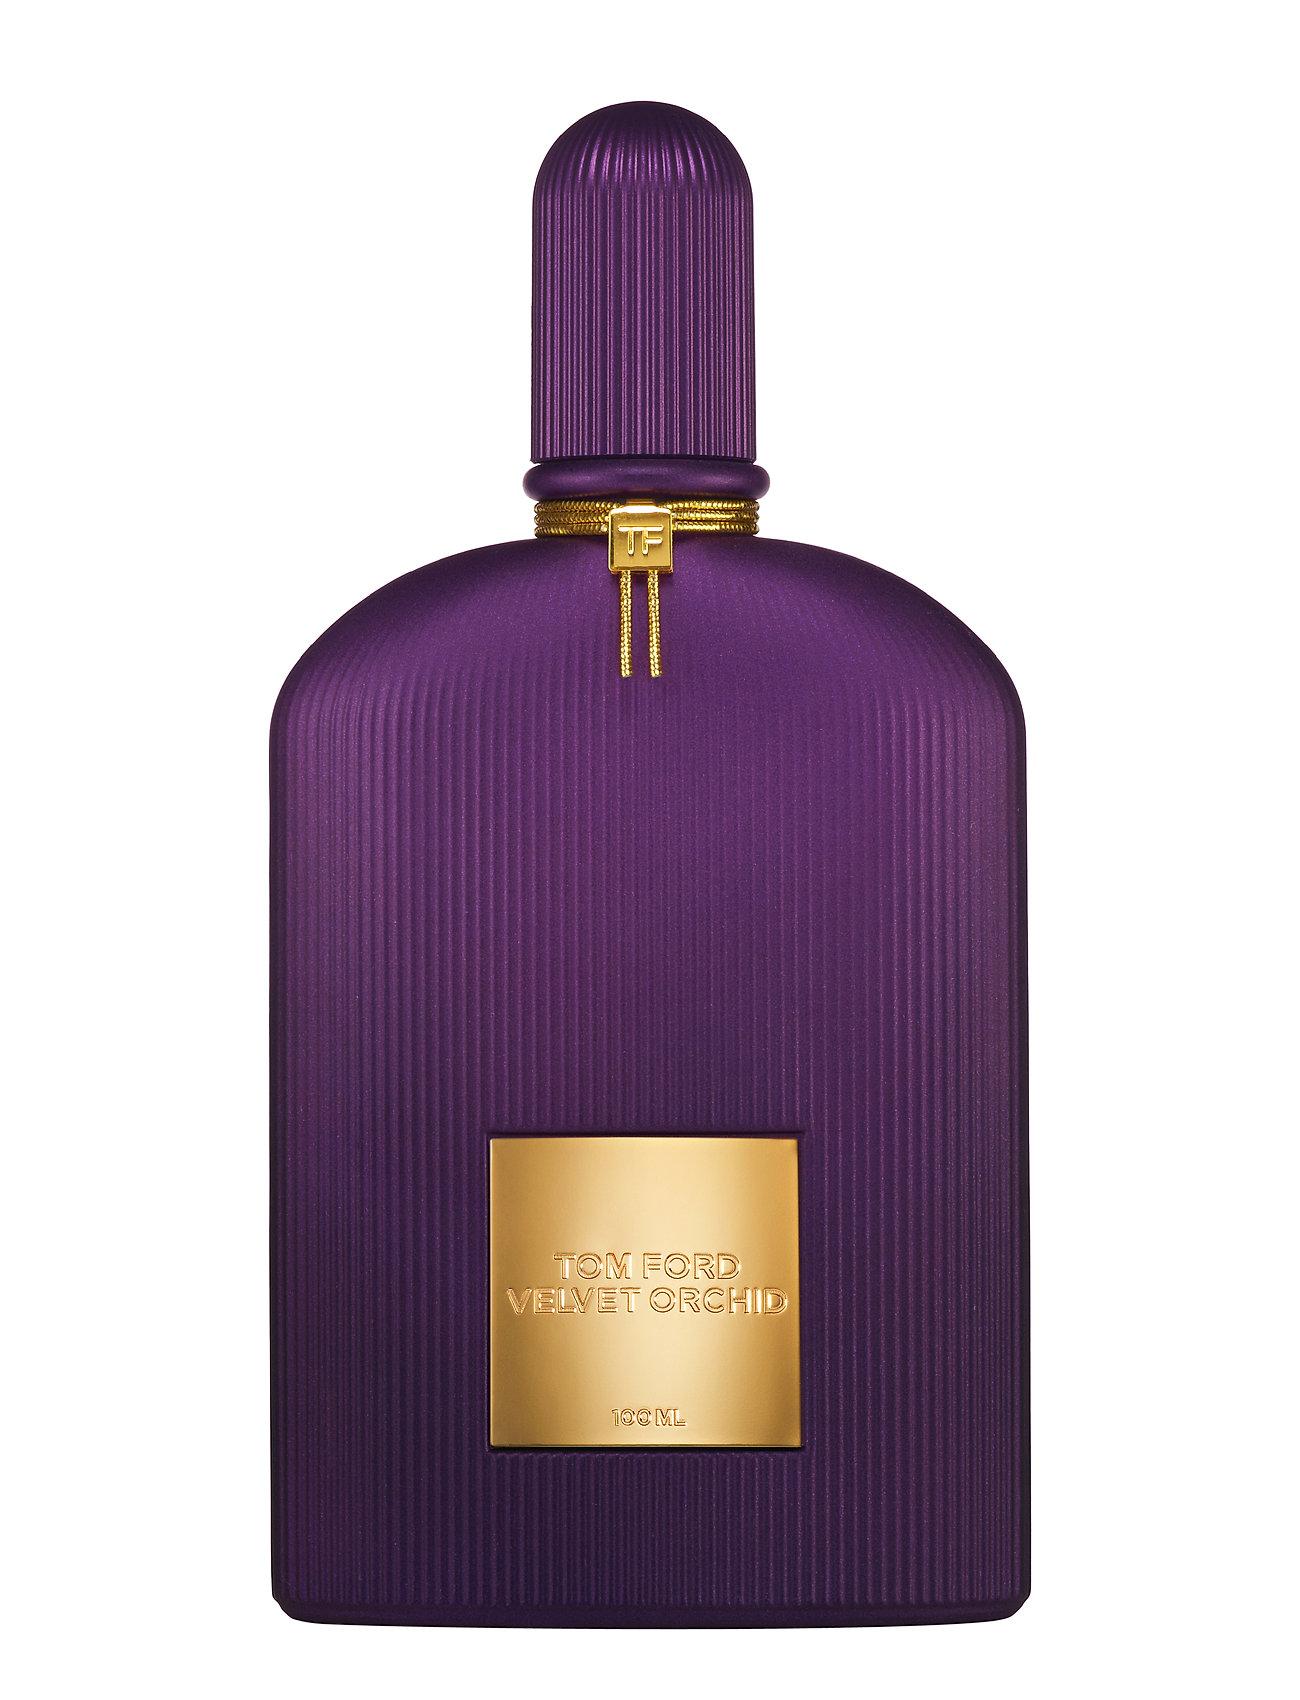 tom ford – Velvet orchid lumiã¨re eau de parfum på boozt.com dk